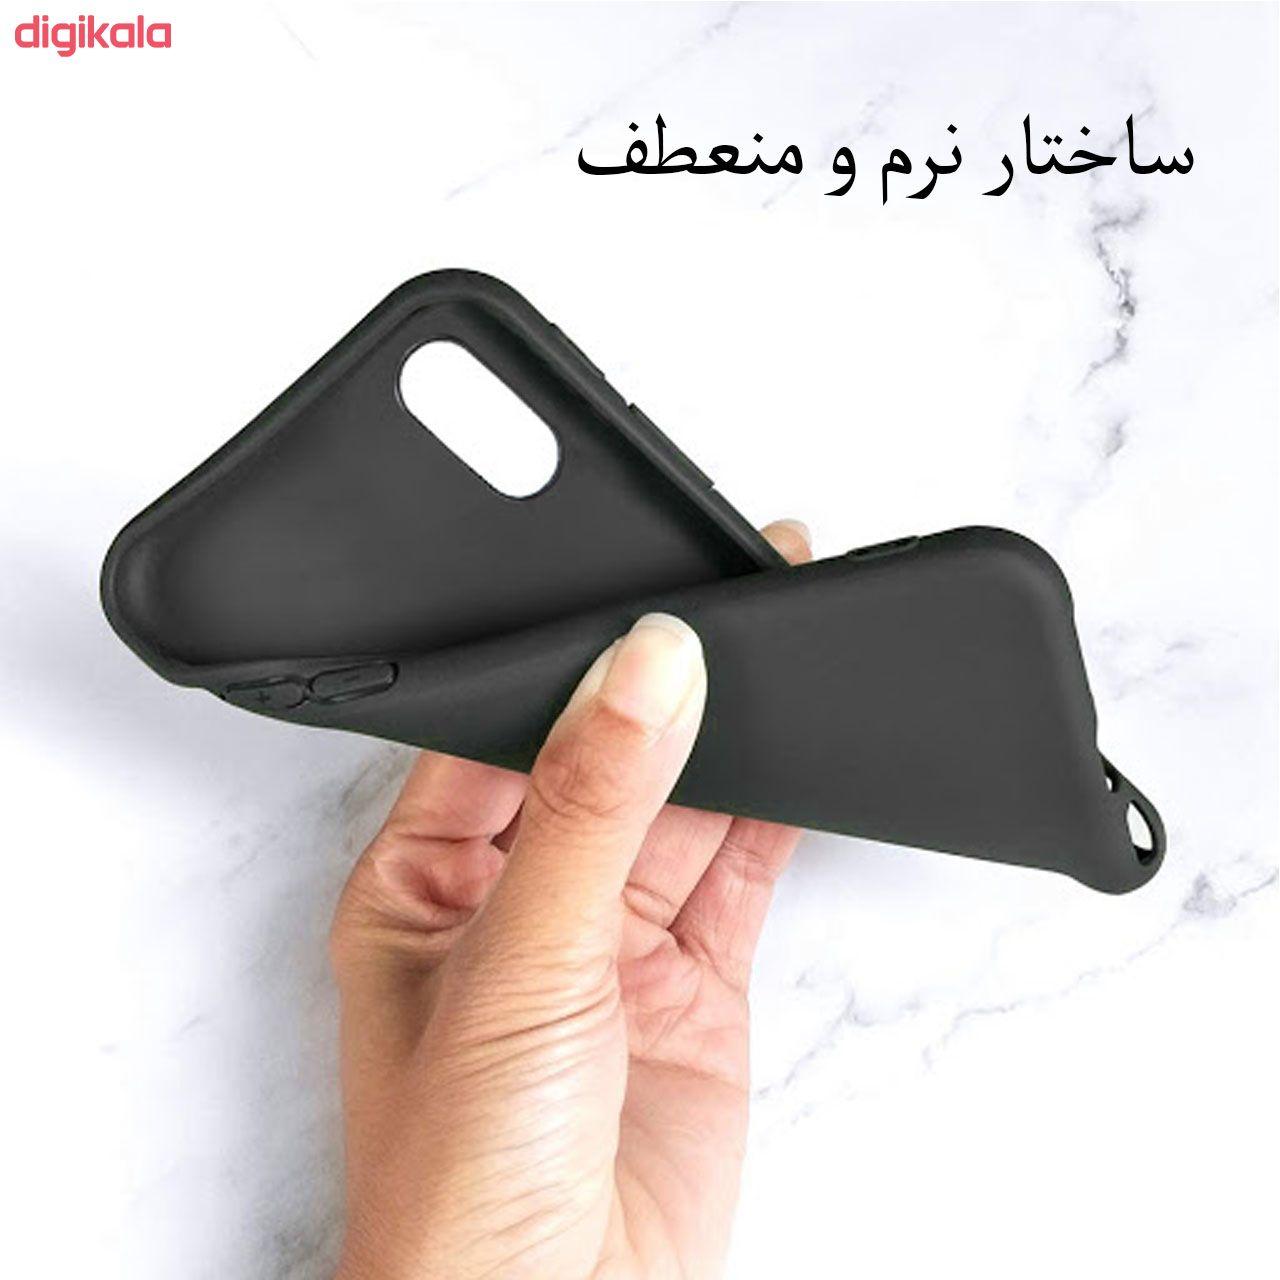 کاور مدل SLCN مناسب برای گوشی موبایل سامسونگ Galaxy A01 main 1 2